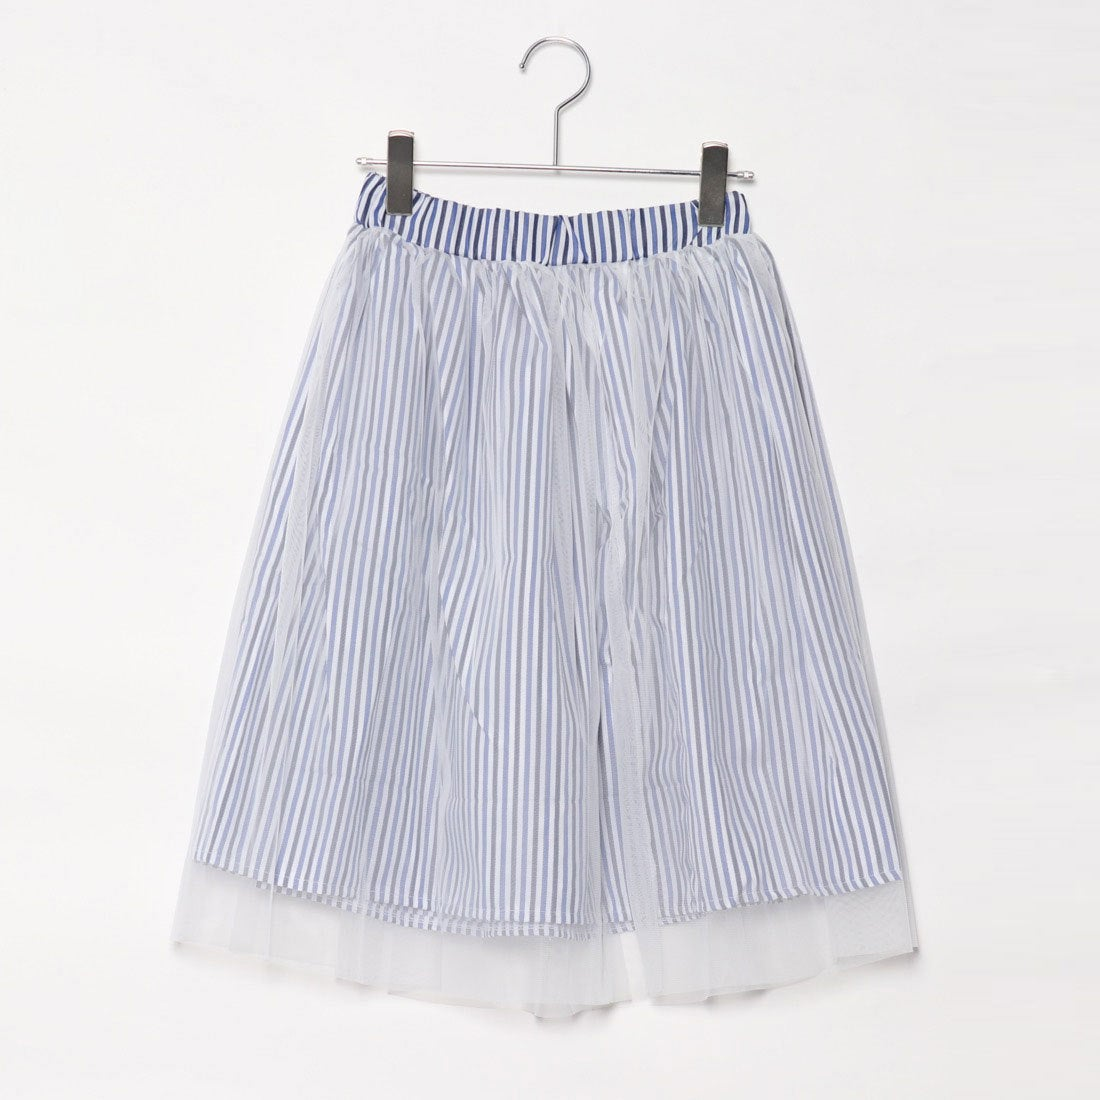 スタイルブロック STYLEBLOCK ストライプチュールレイヤード膝丈スカート (ブルー)